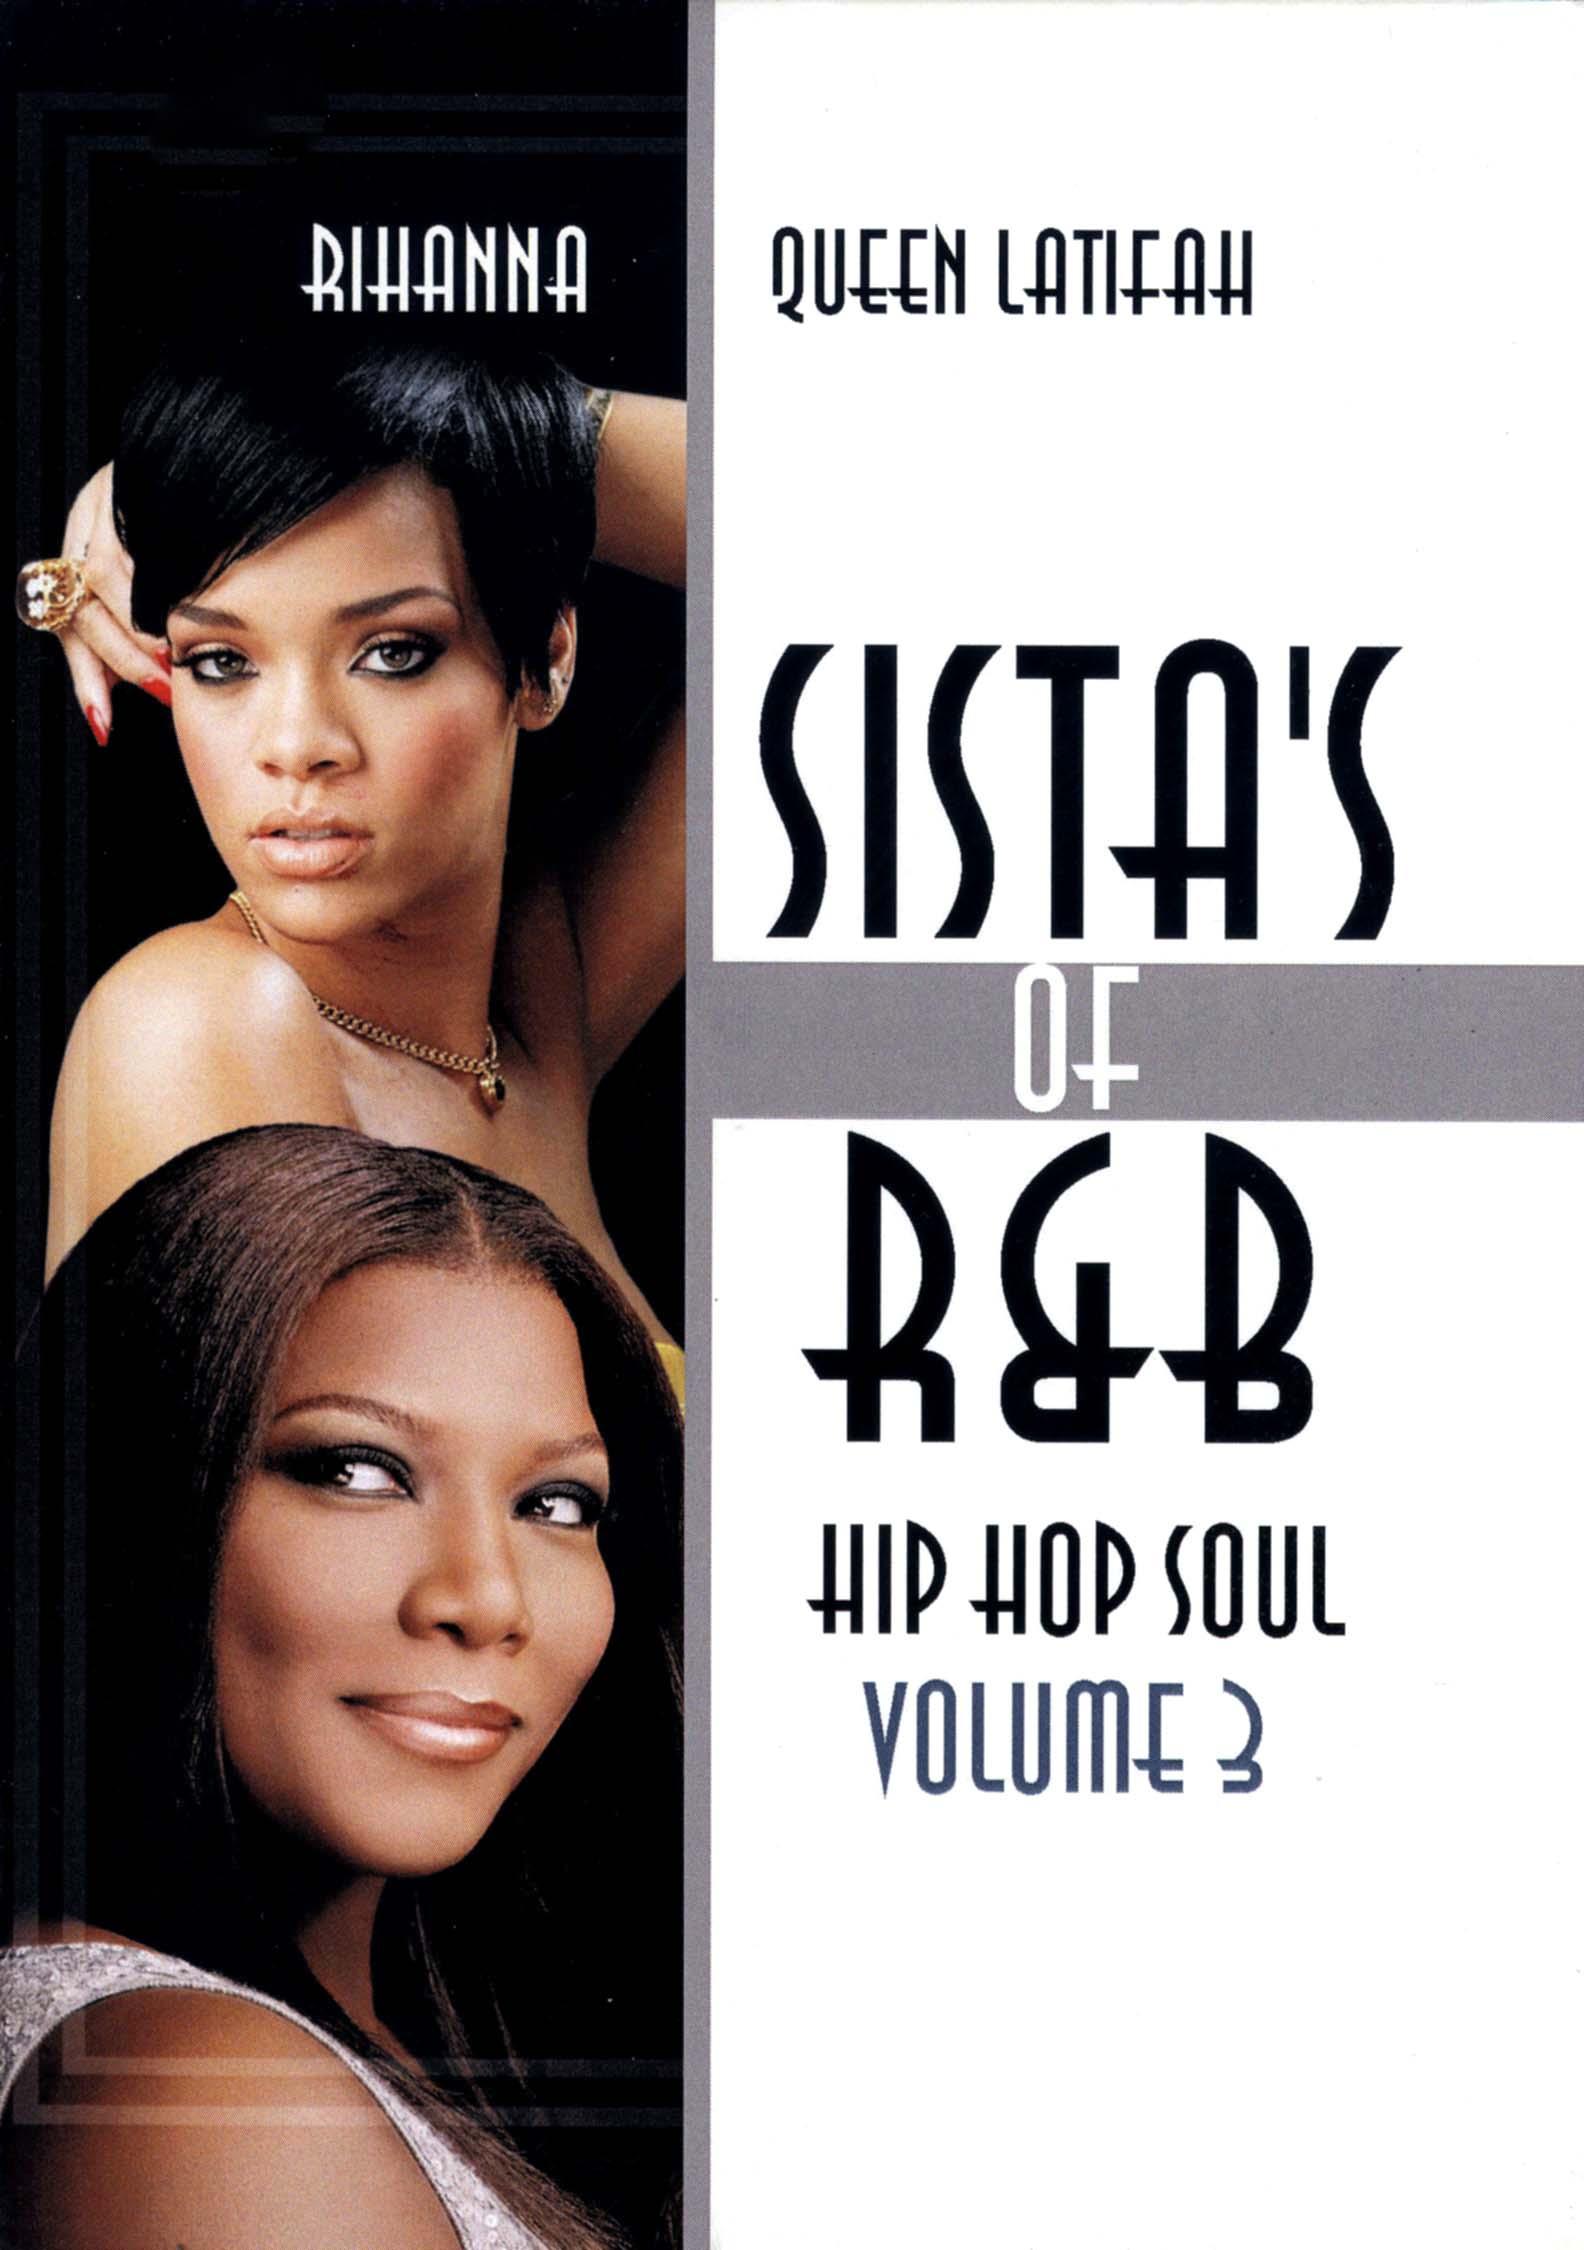 Sista's of R&B: Hip Hop Soul, Vol. 3 (2012)